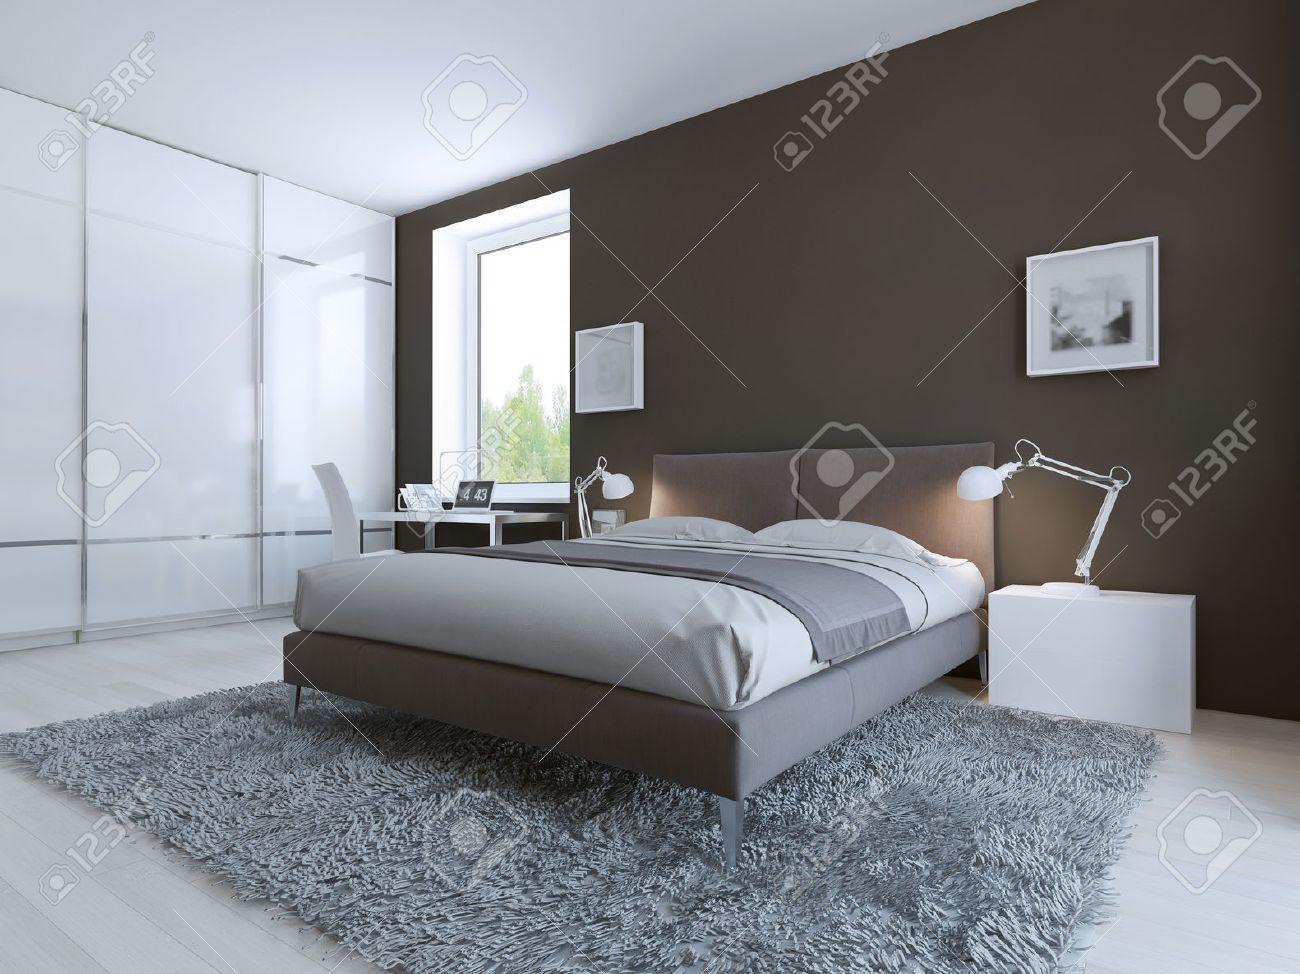 Minimalist Schlafzimmer Für Gute Erholung. Große Boden Schrank Mit  Schiebetüren Zum Ceilin. Weiße Laminatboden